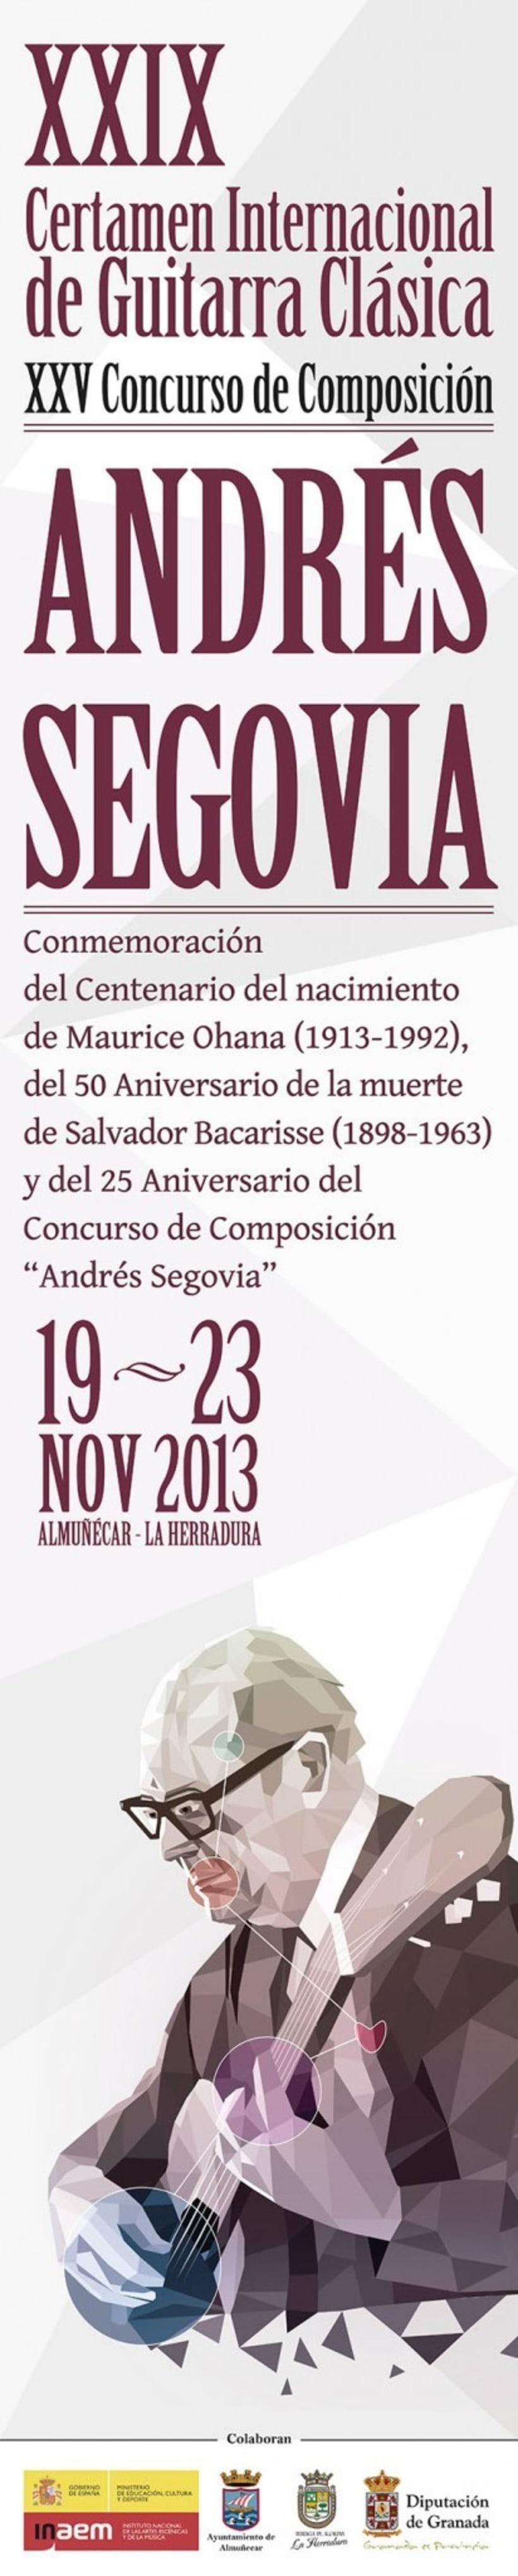 Cartel para Certamen Andrés Segovia 2